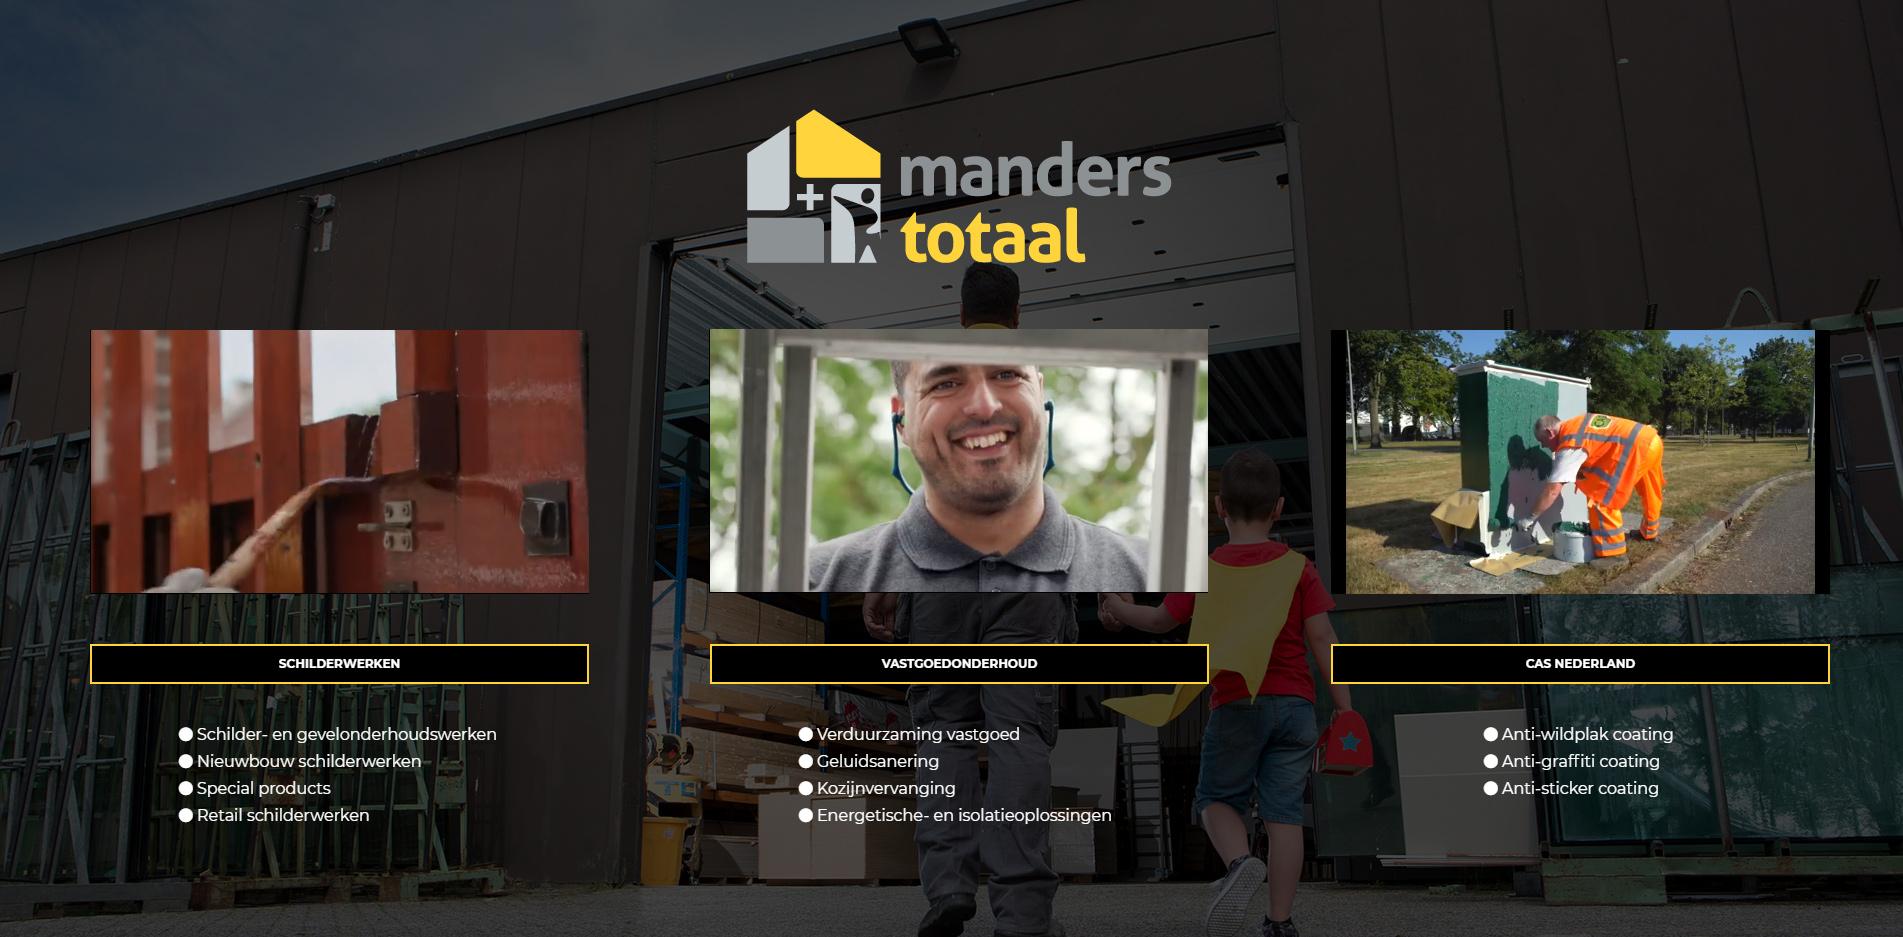 manderstotaal-home